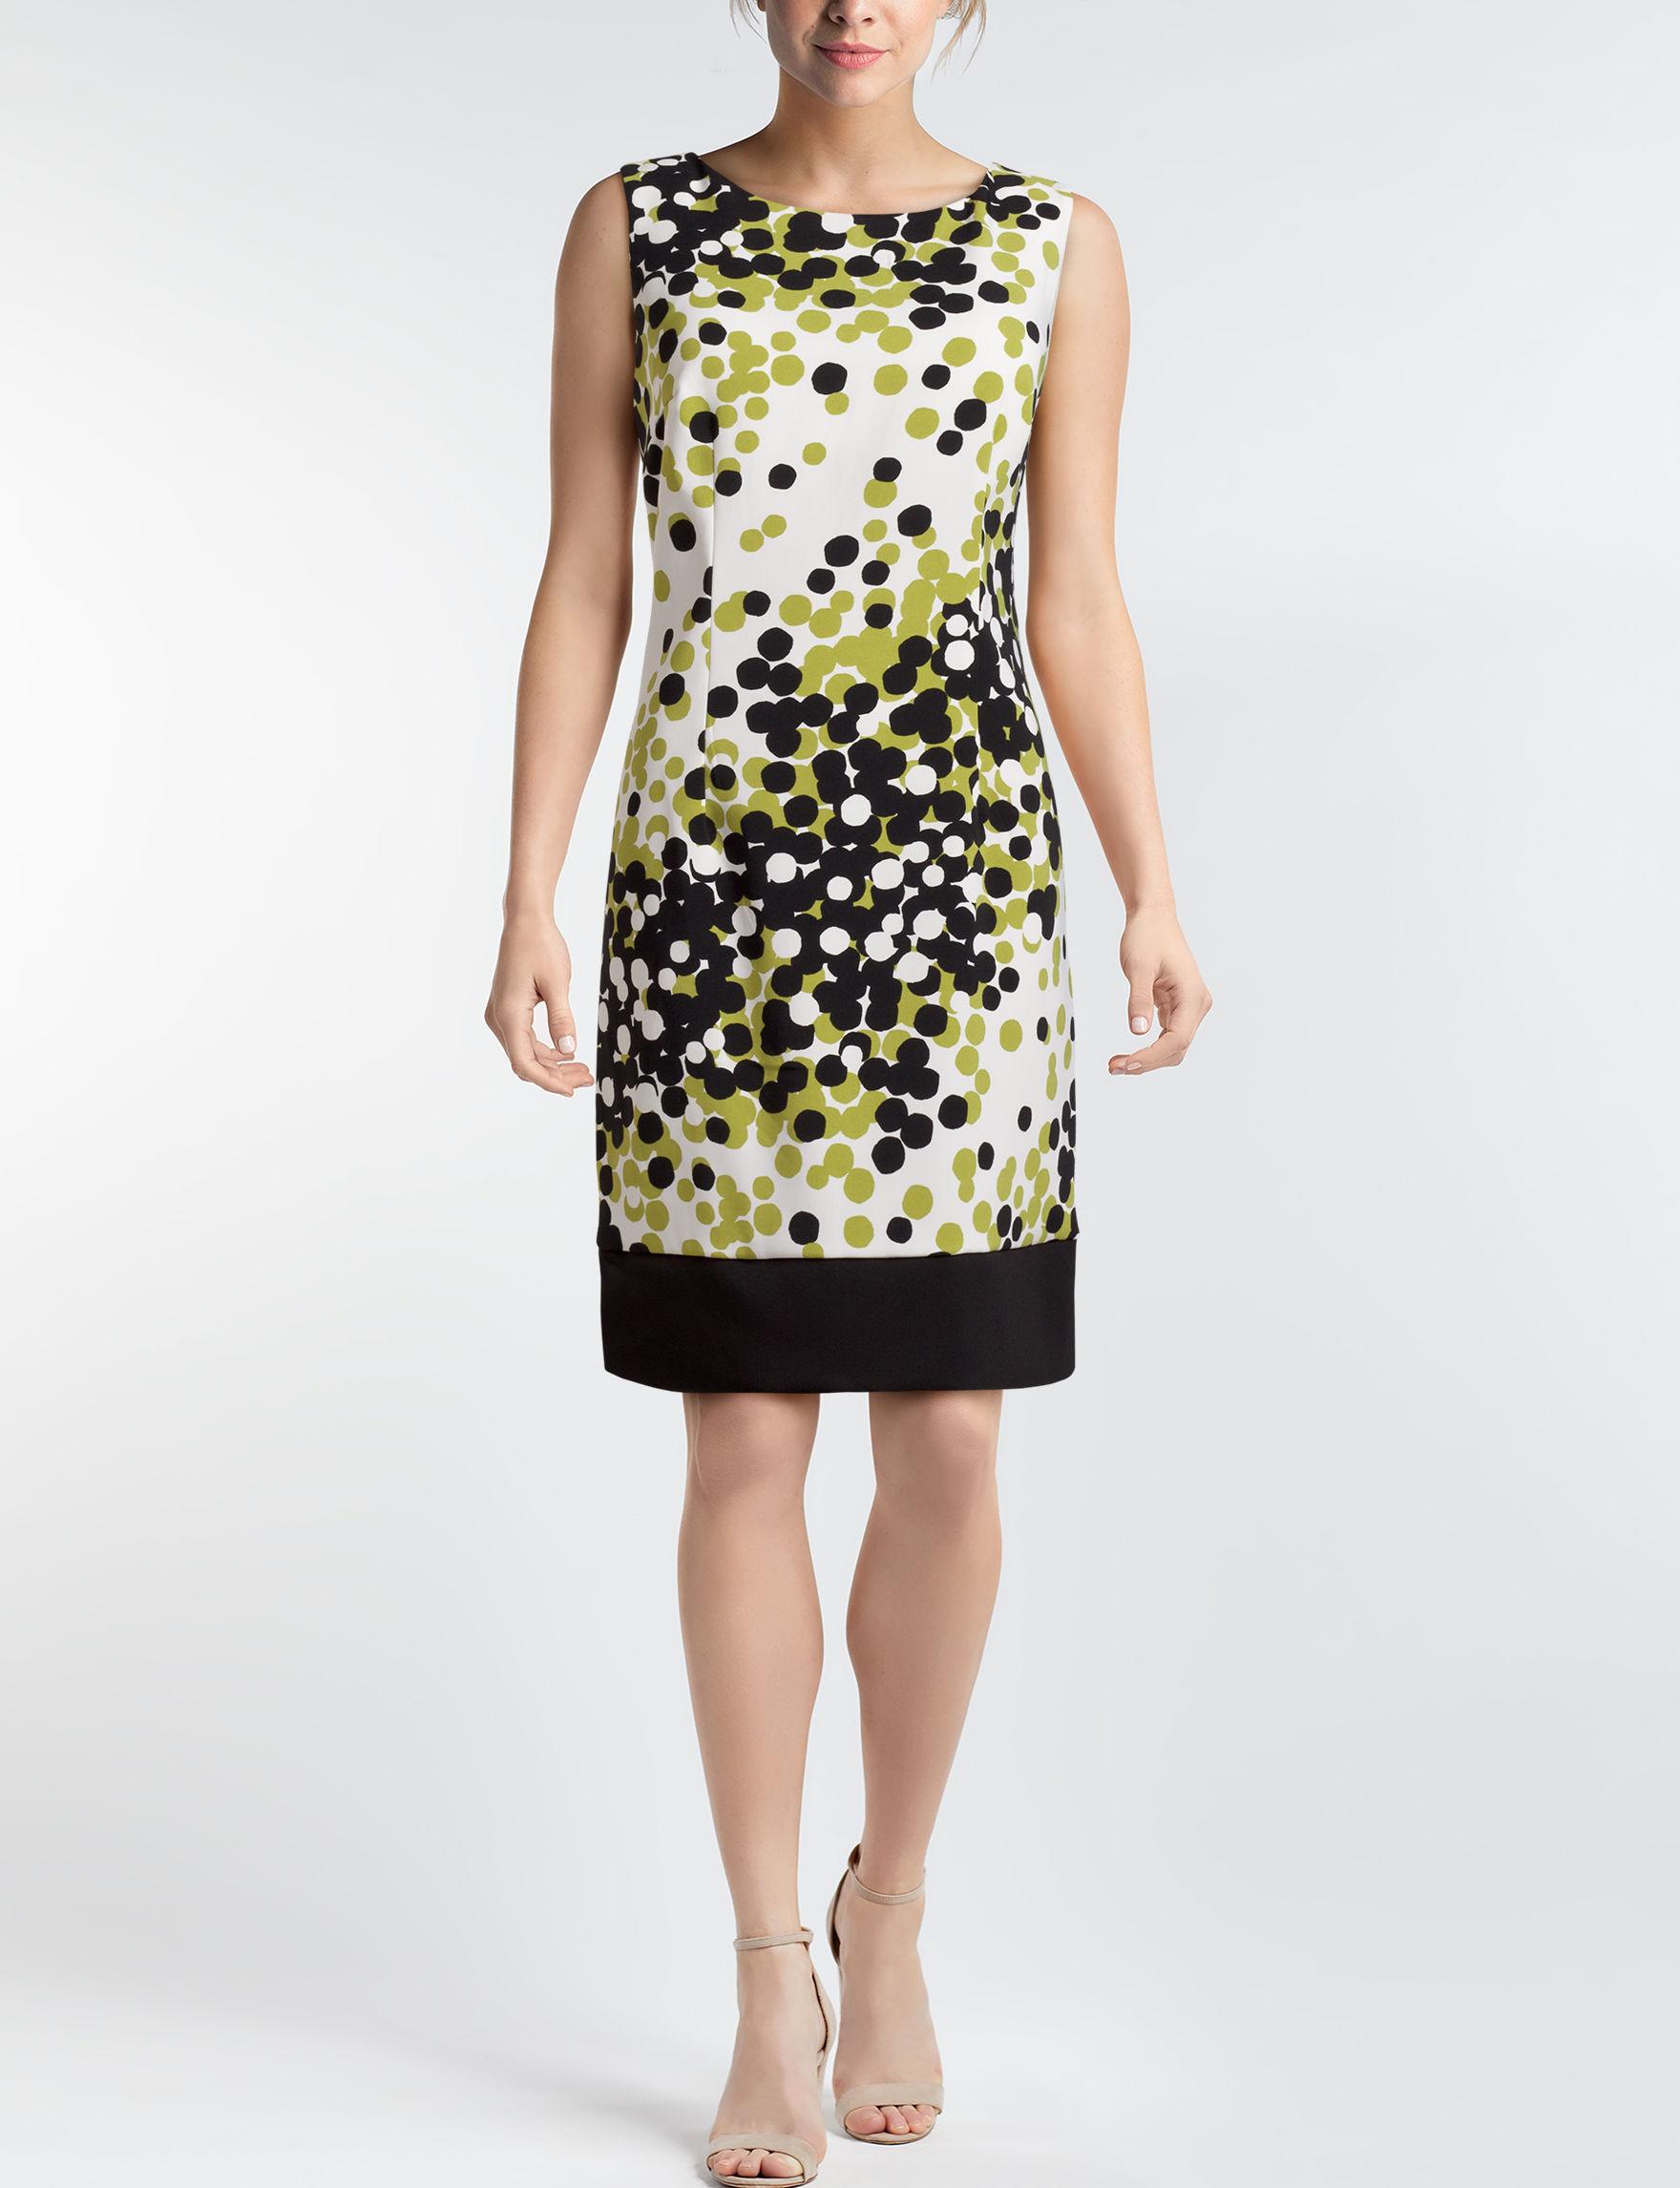 Ronni Nicole White Multi Everyday & Casual Sheath Dresses